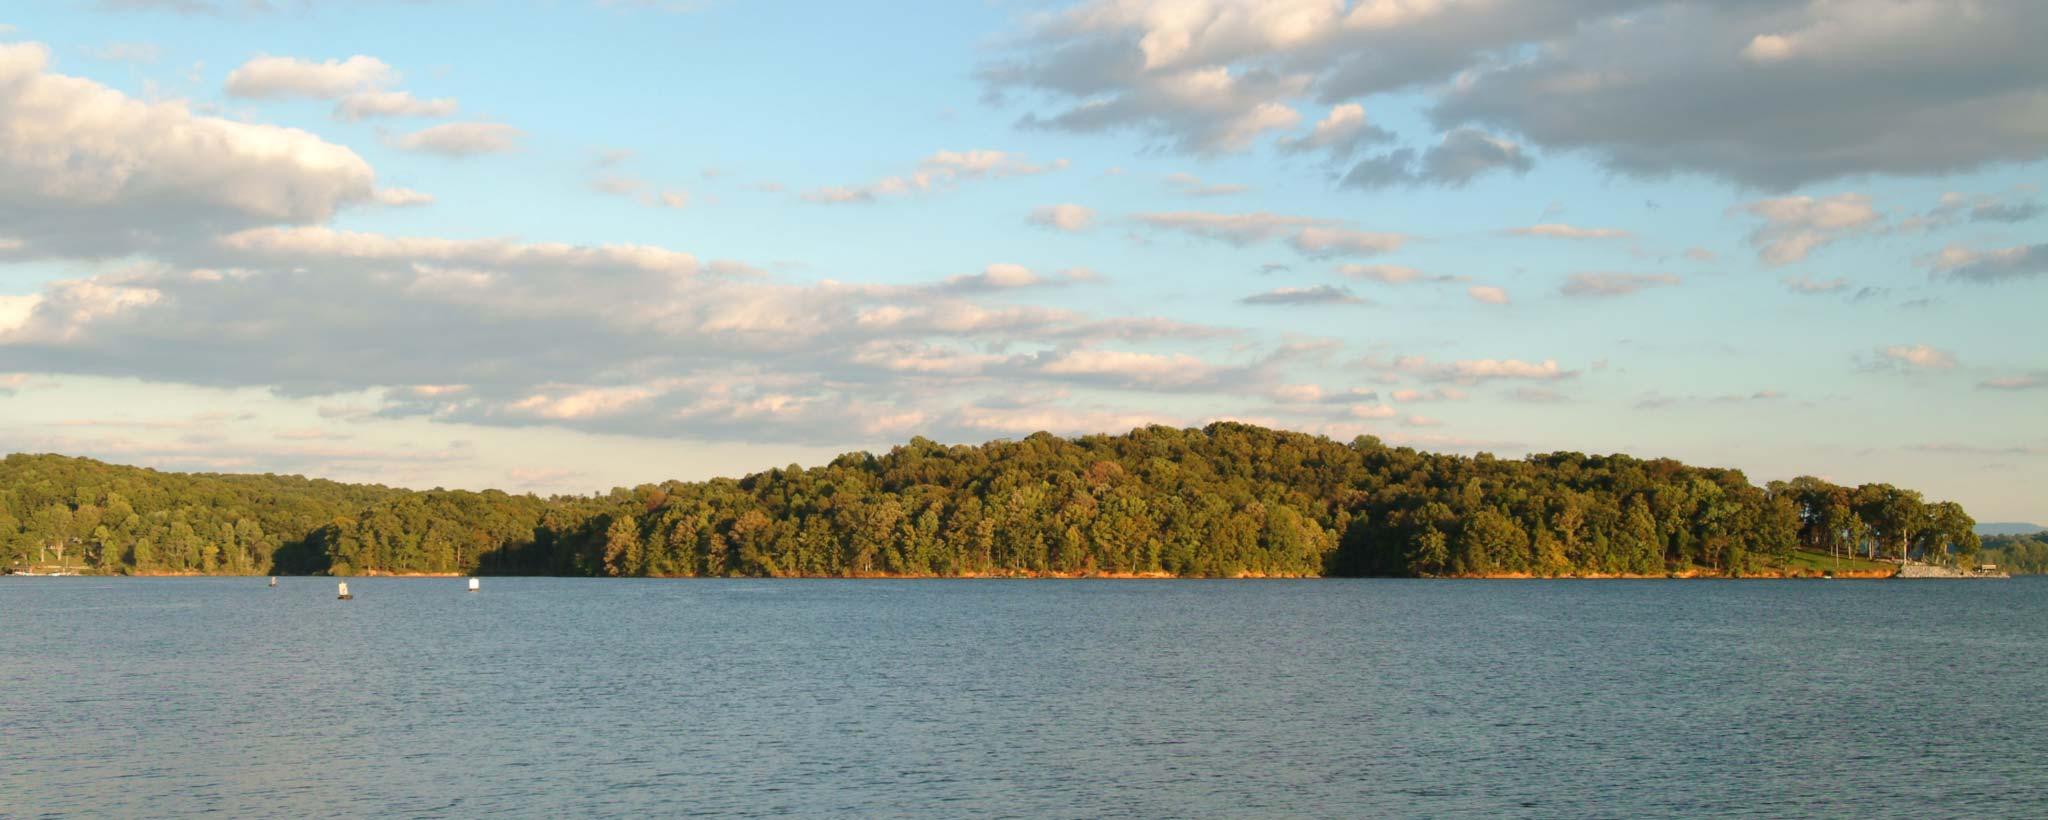 loudoun lake